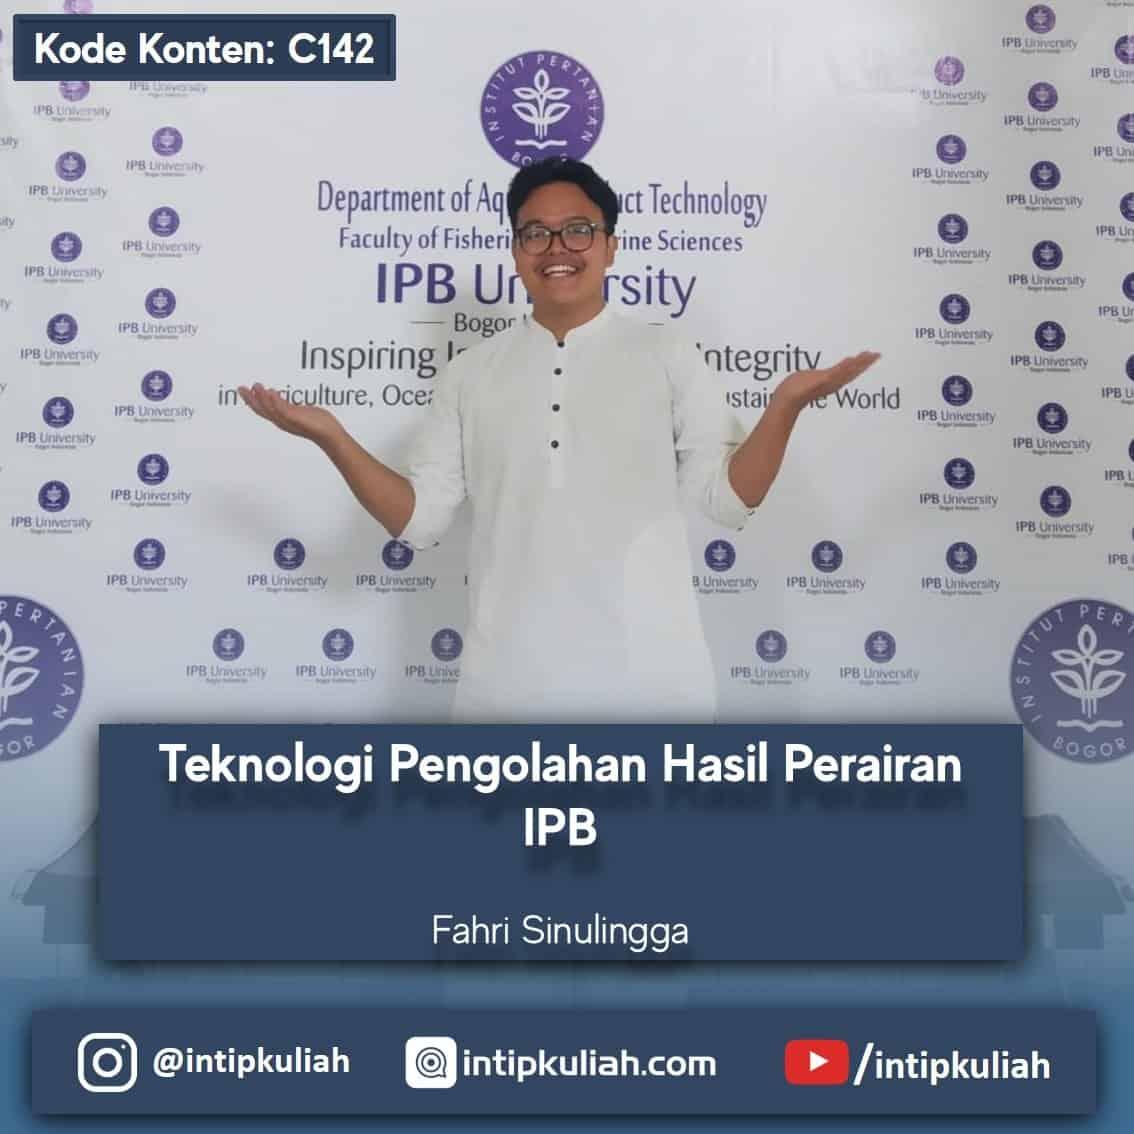 Teknologi Hasil Perairan IPB (Fahri)